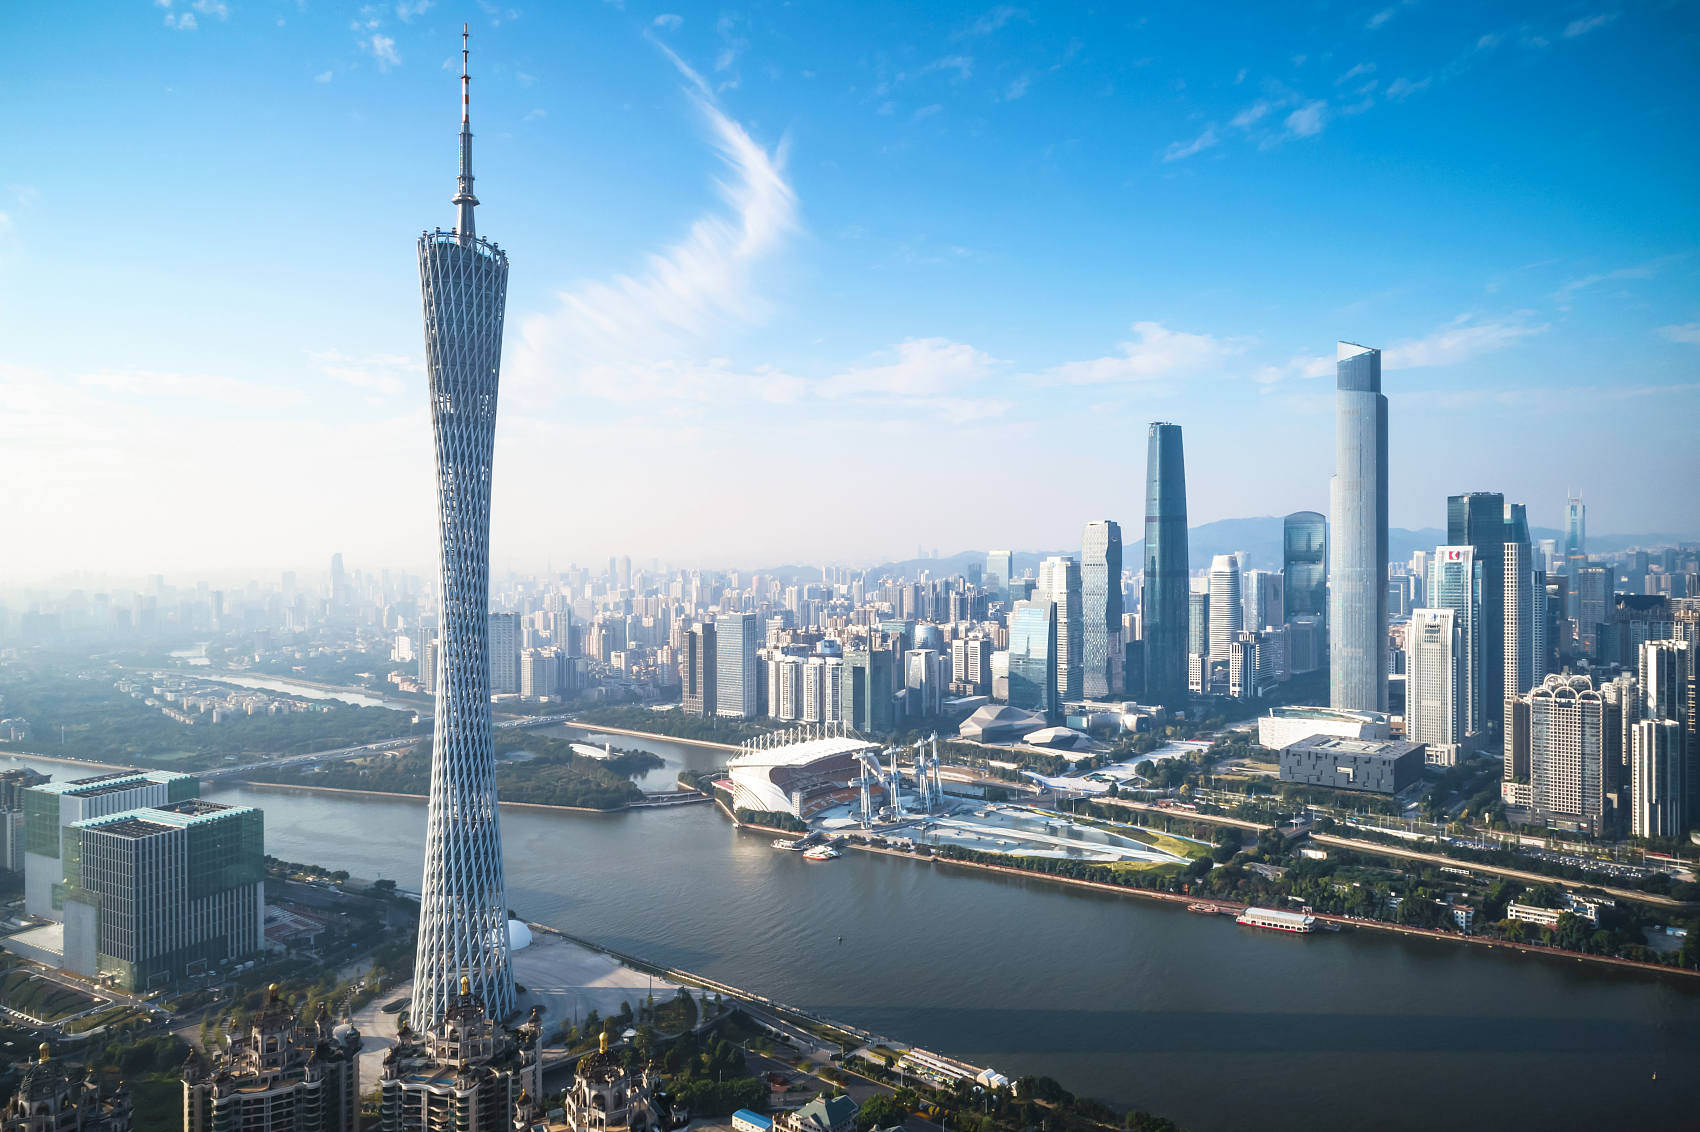 广东将放开广深外城市落户 专家:次级都市圈将获明显成长